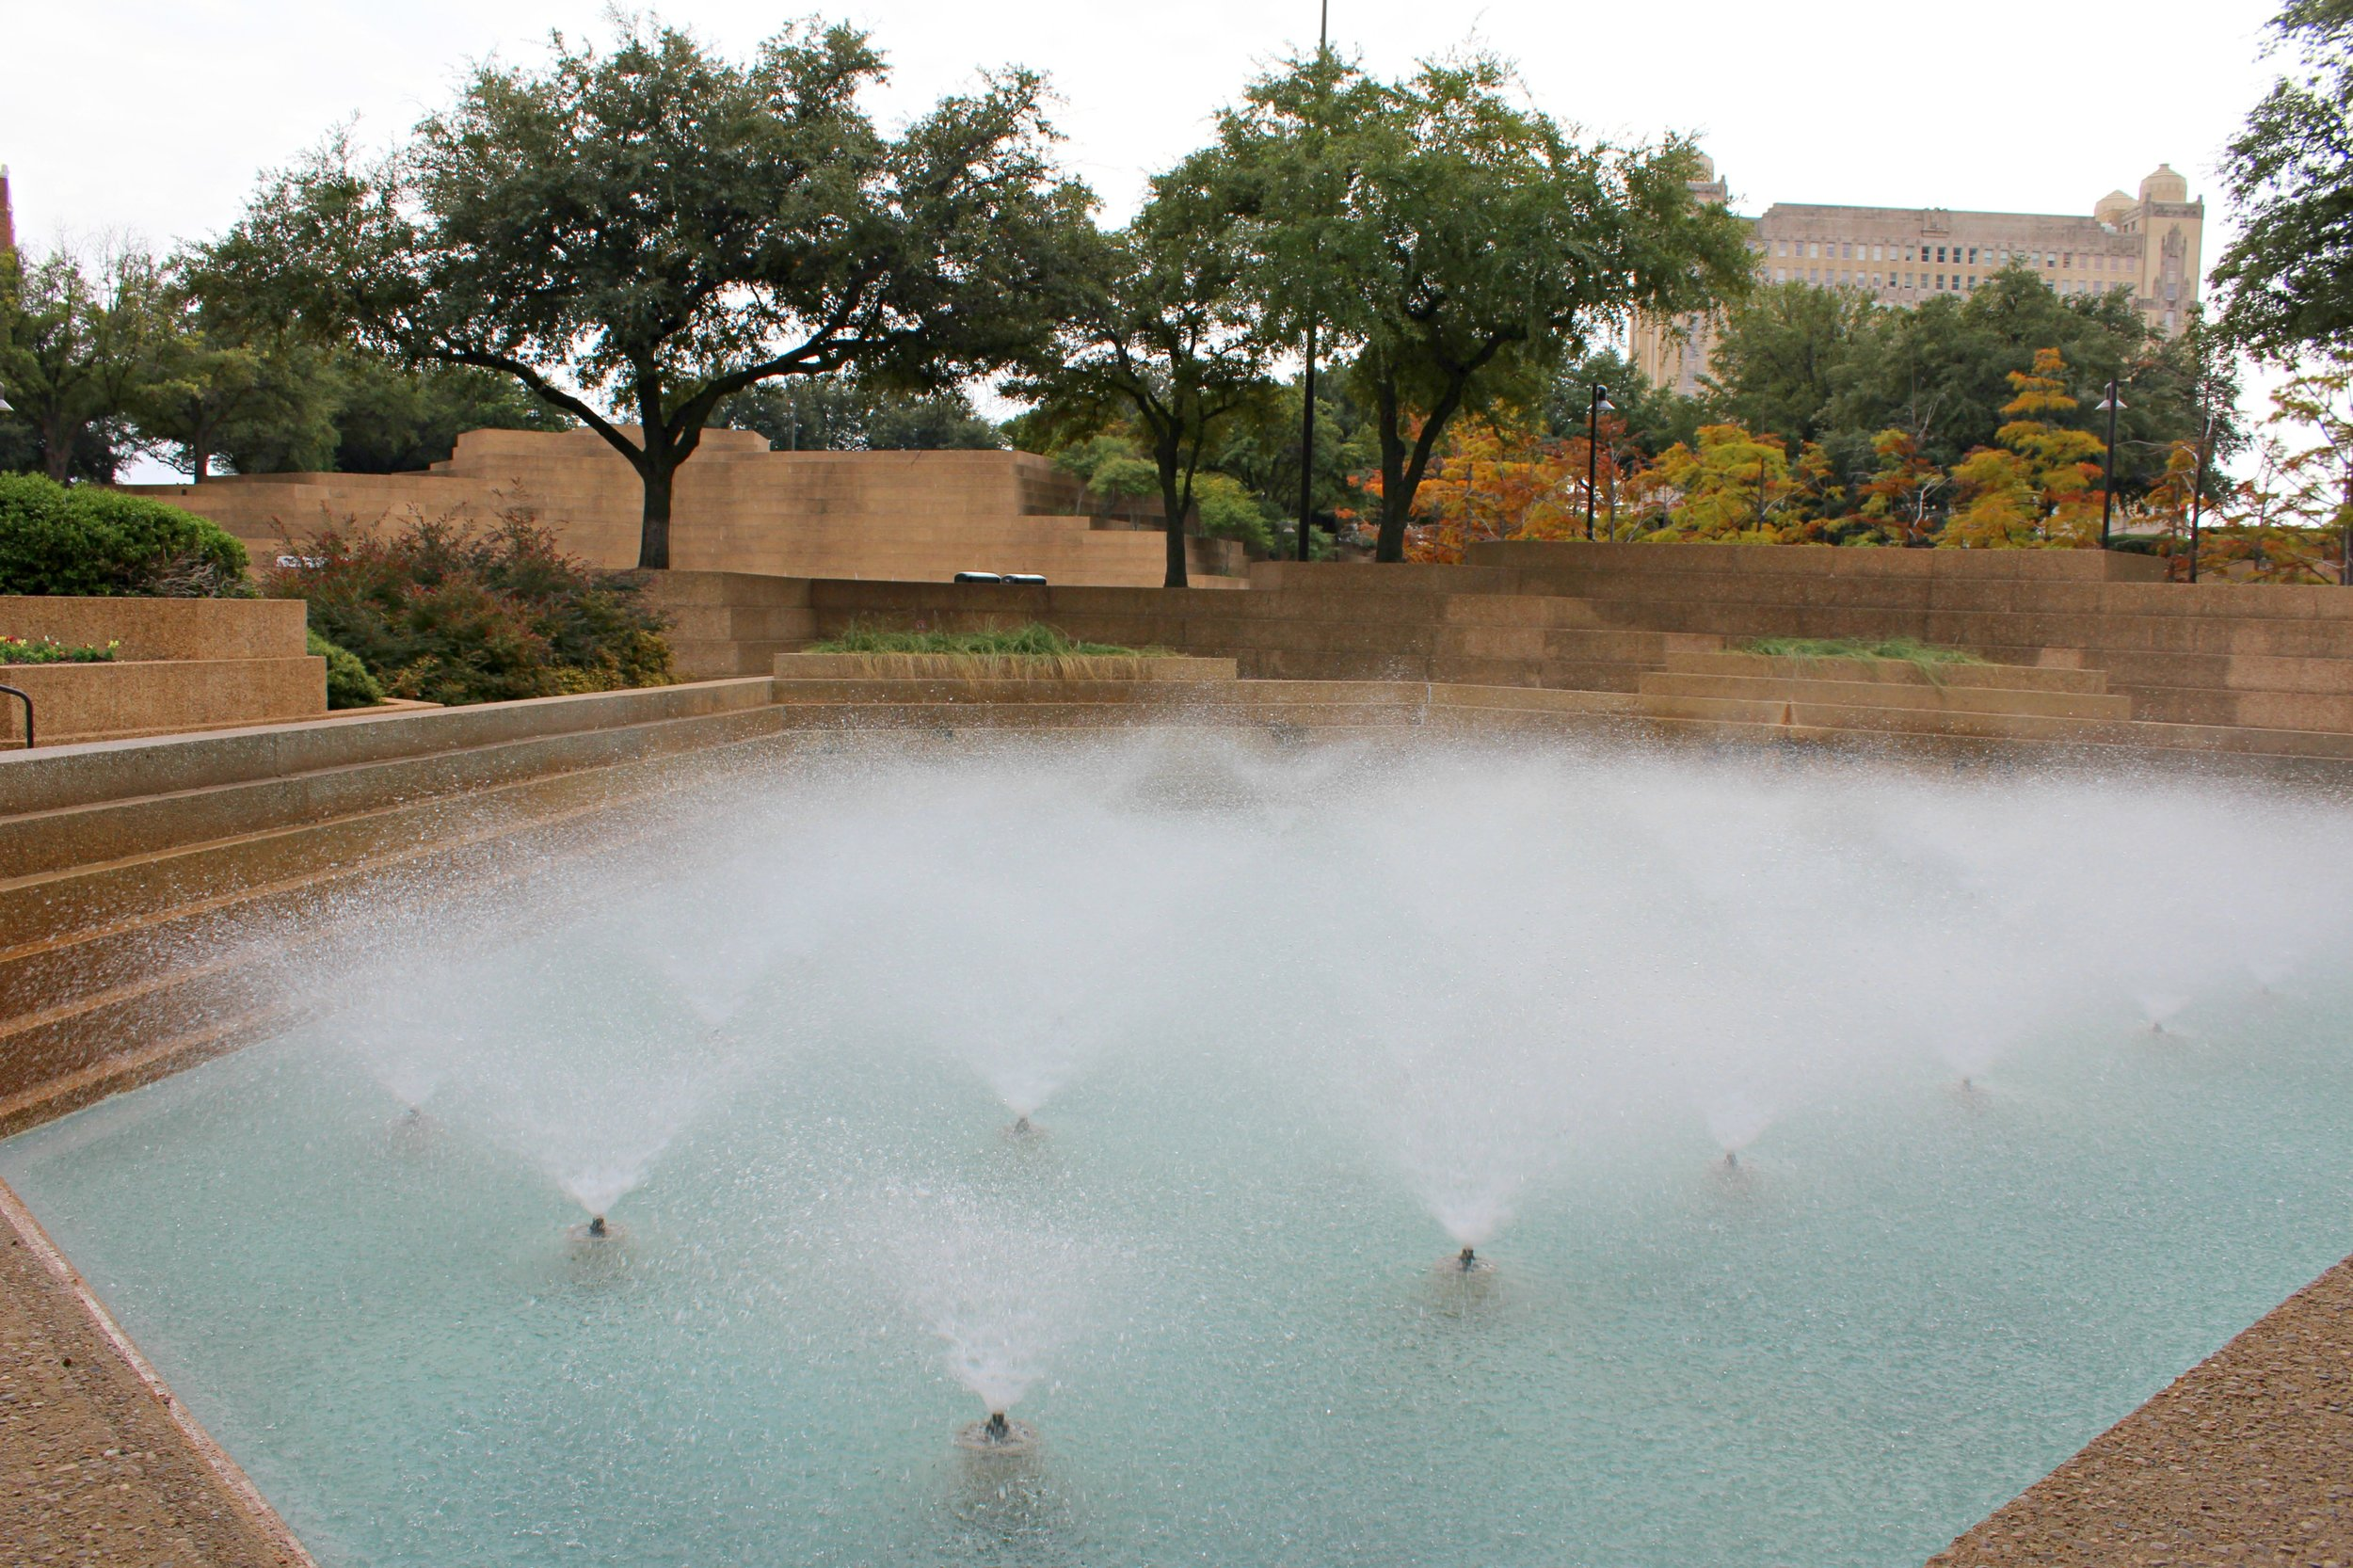 Fort Worth Water Gardens 12.0.jpg